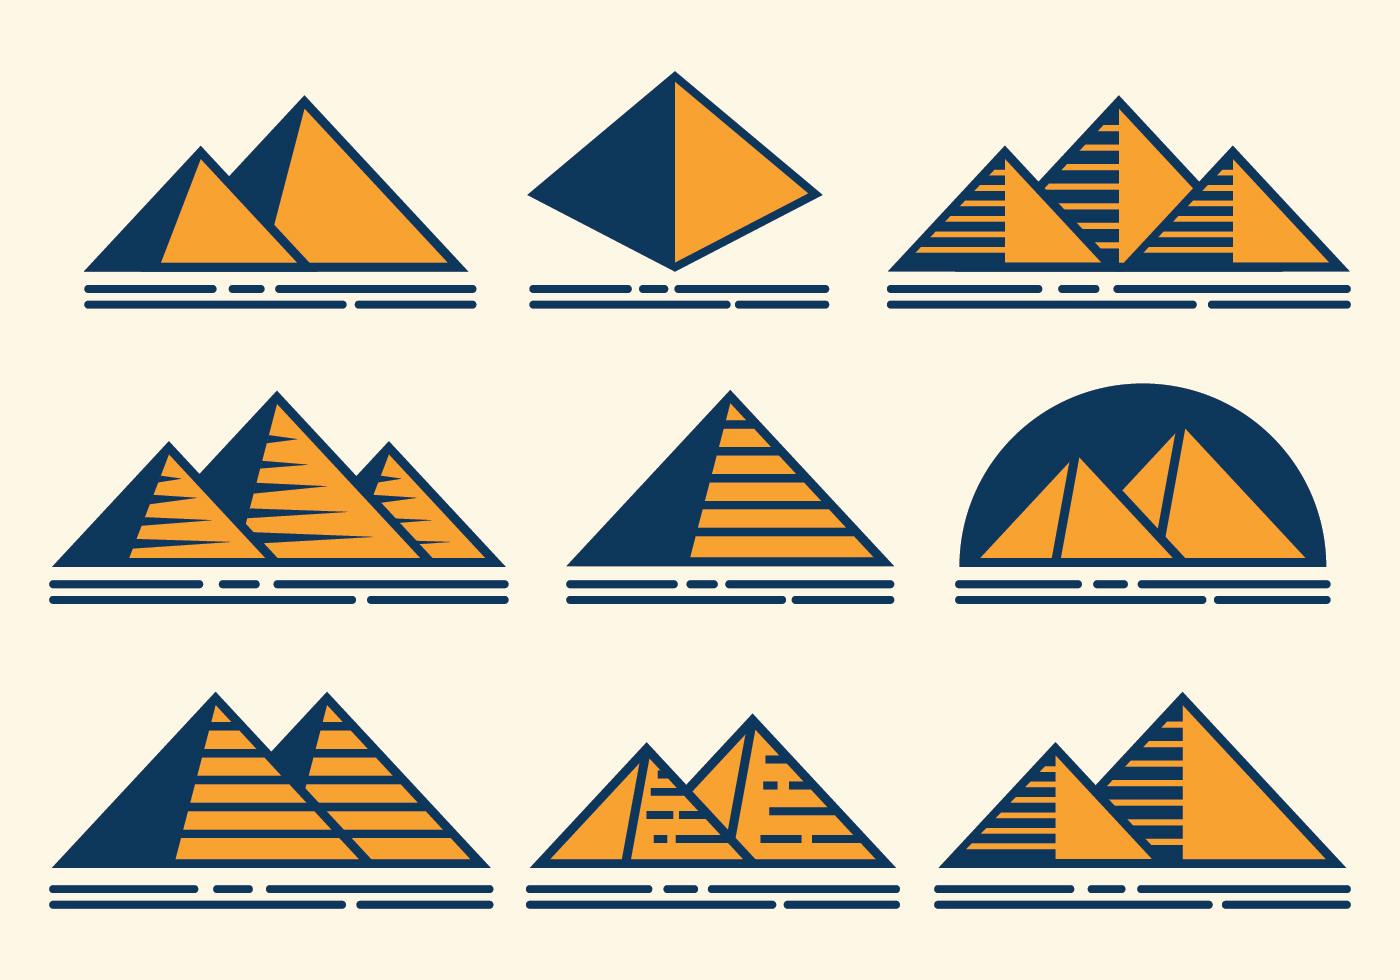 Piramide Vector Icons - Download Free Vectors, Clipart ...